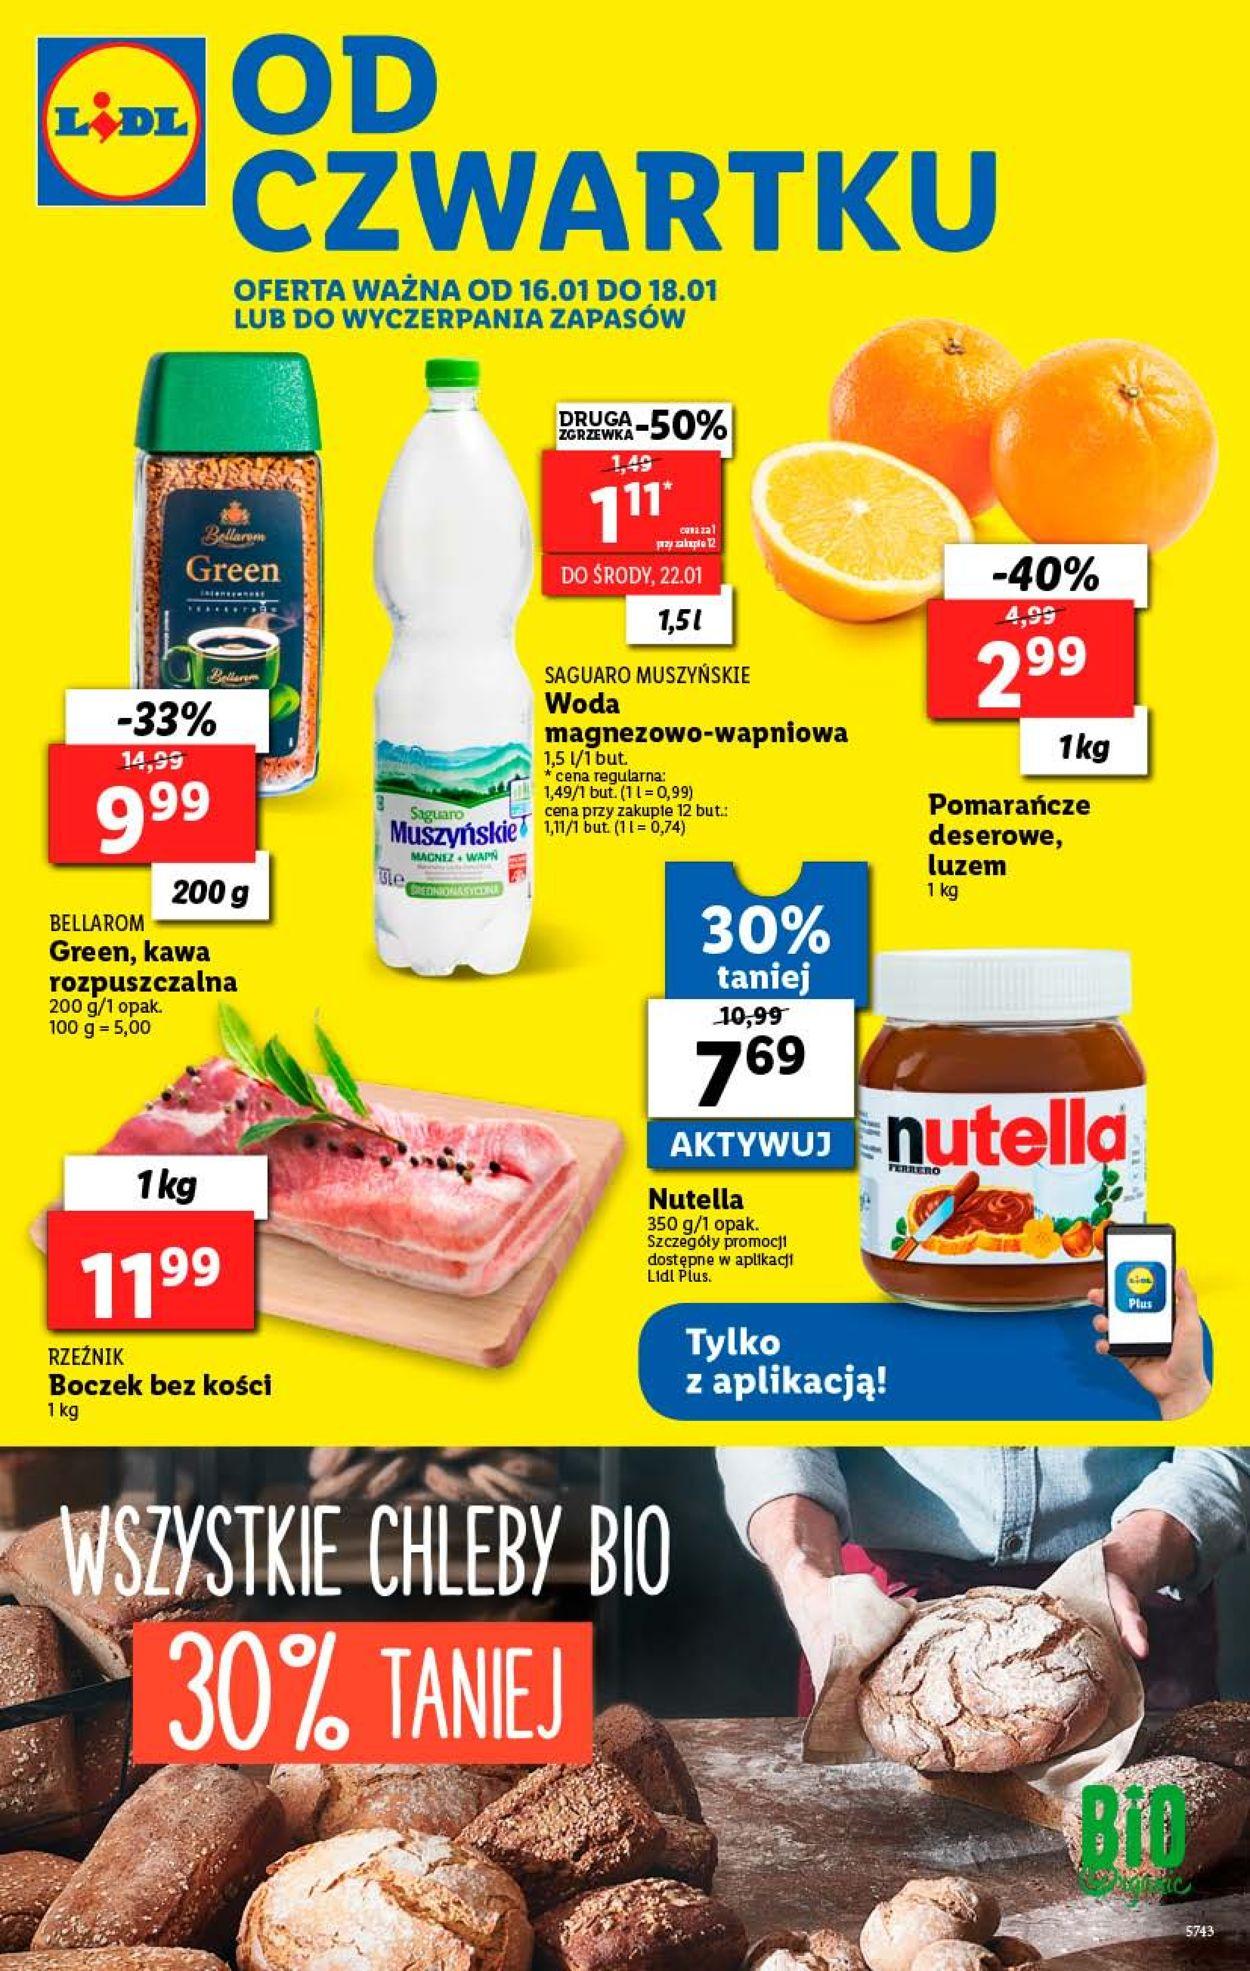 Gazetka promocyjna LIDL - 16.01-18.01.2020